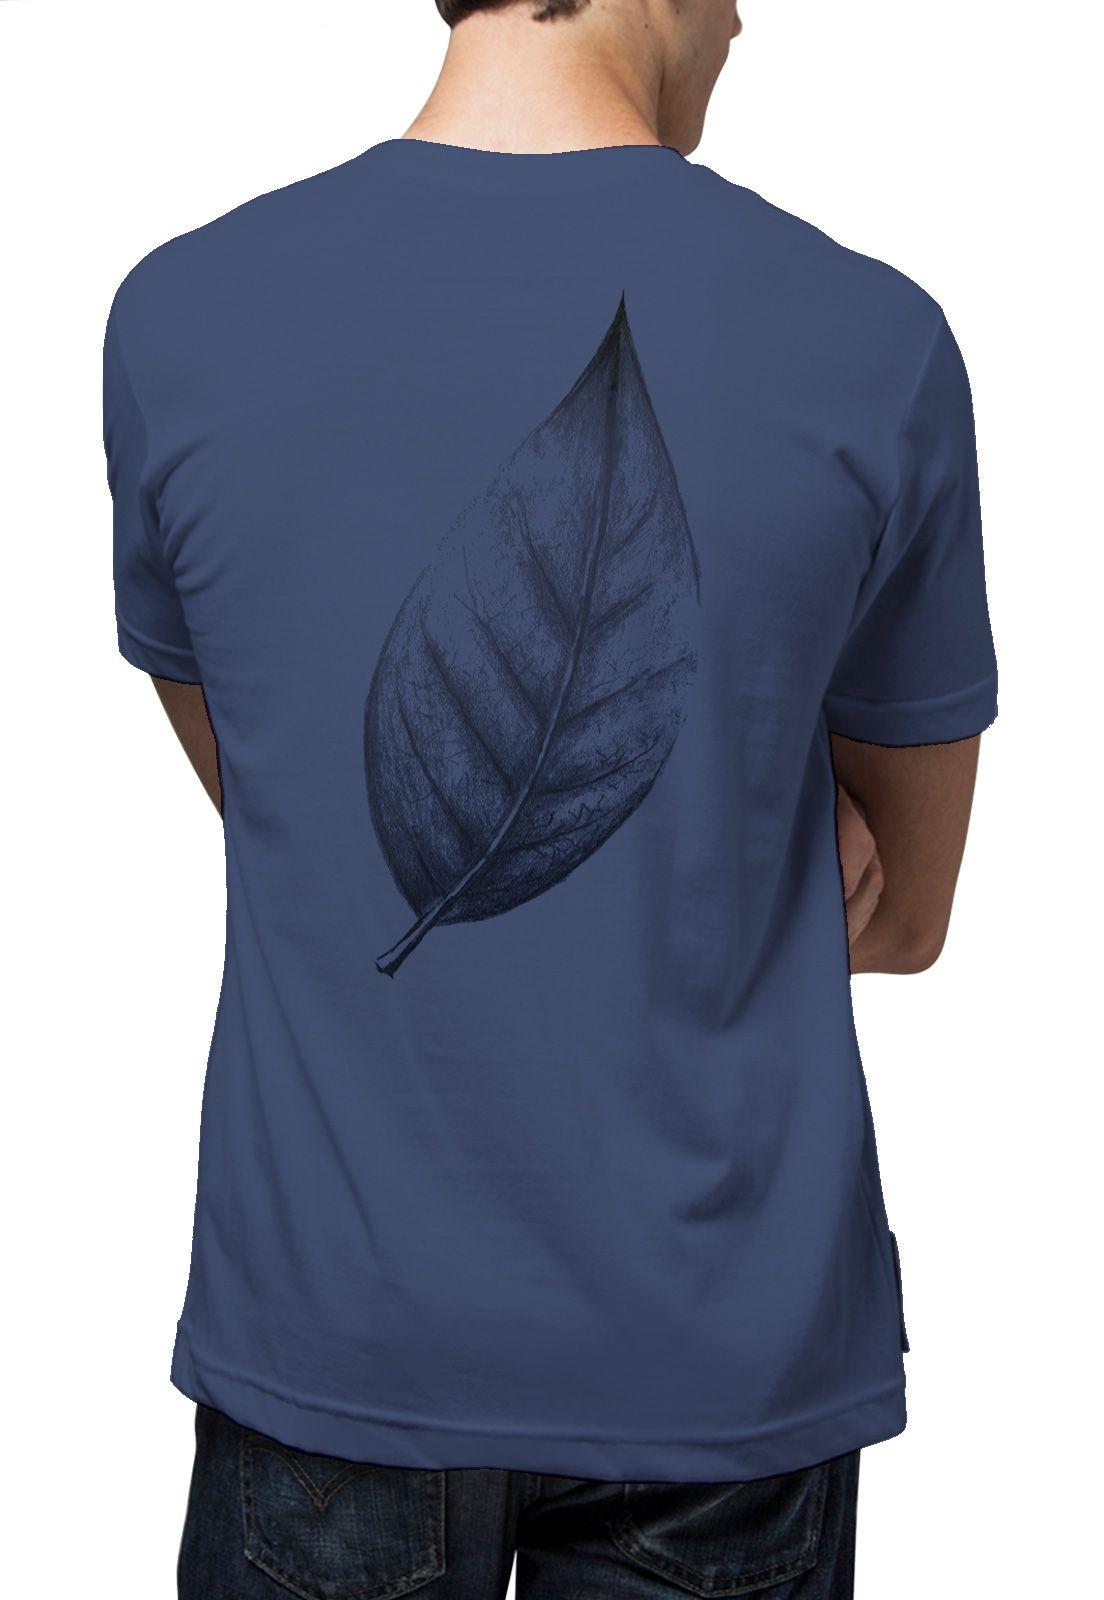 Camiseta Amazônia Big Leaf - Azul